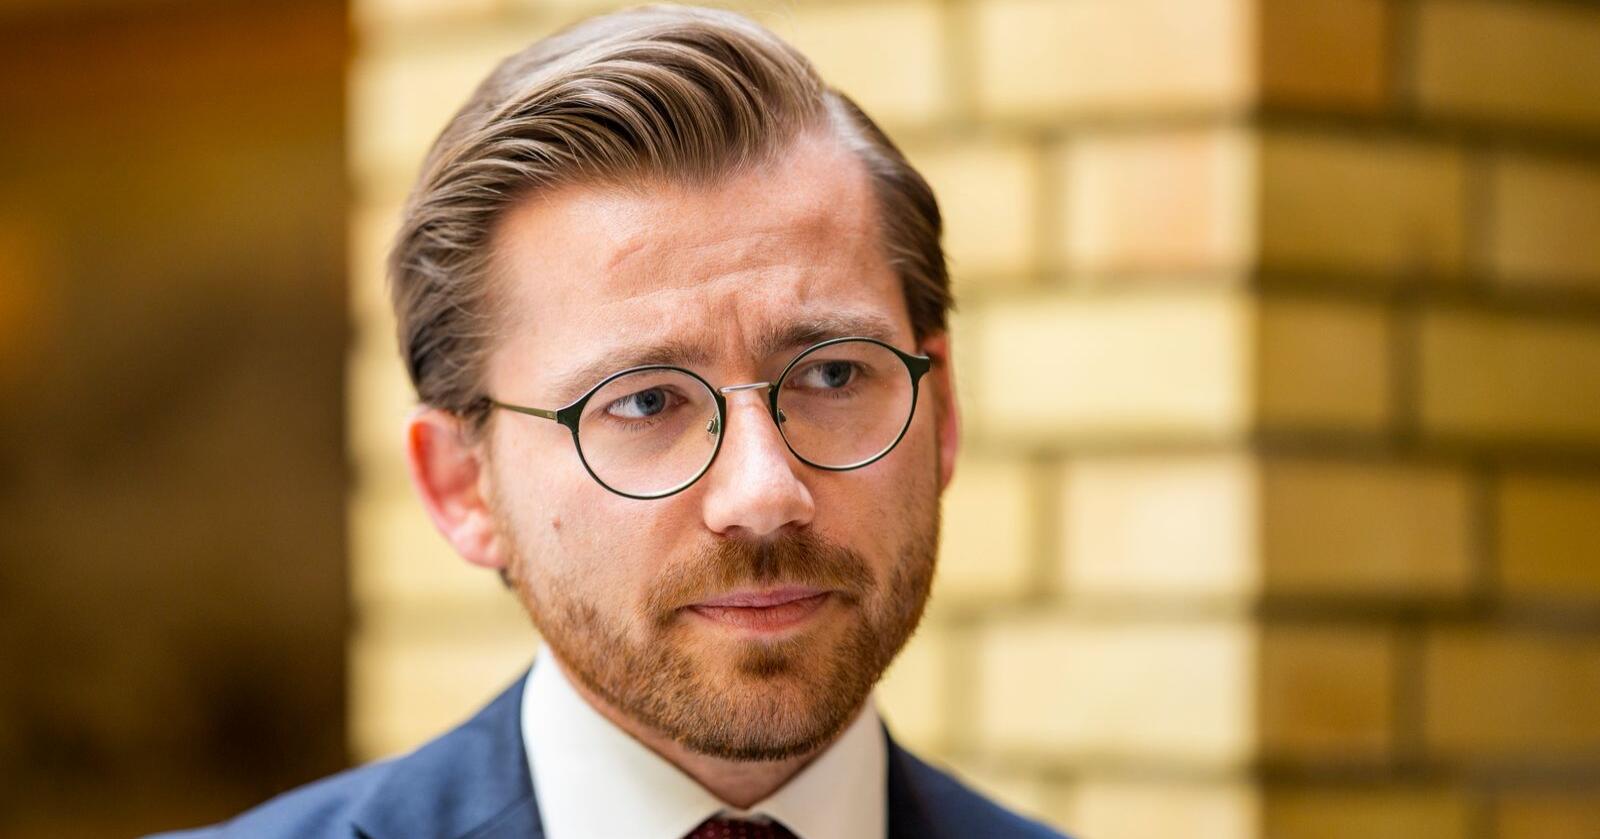 Klima- og miljøminister Sveinung Rotevatn (V) vil bli partileiar i Venstre, men stiller han på lista til Sogn og Fjordane er det ikkje sikkert at han får plass på Stortinget. Foto: Håkon Mosvold Larsen / NTB scanpix / NPK